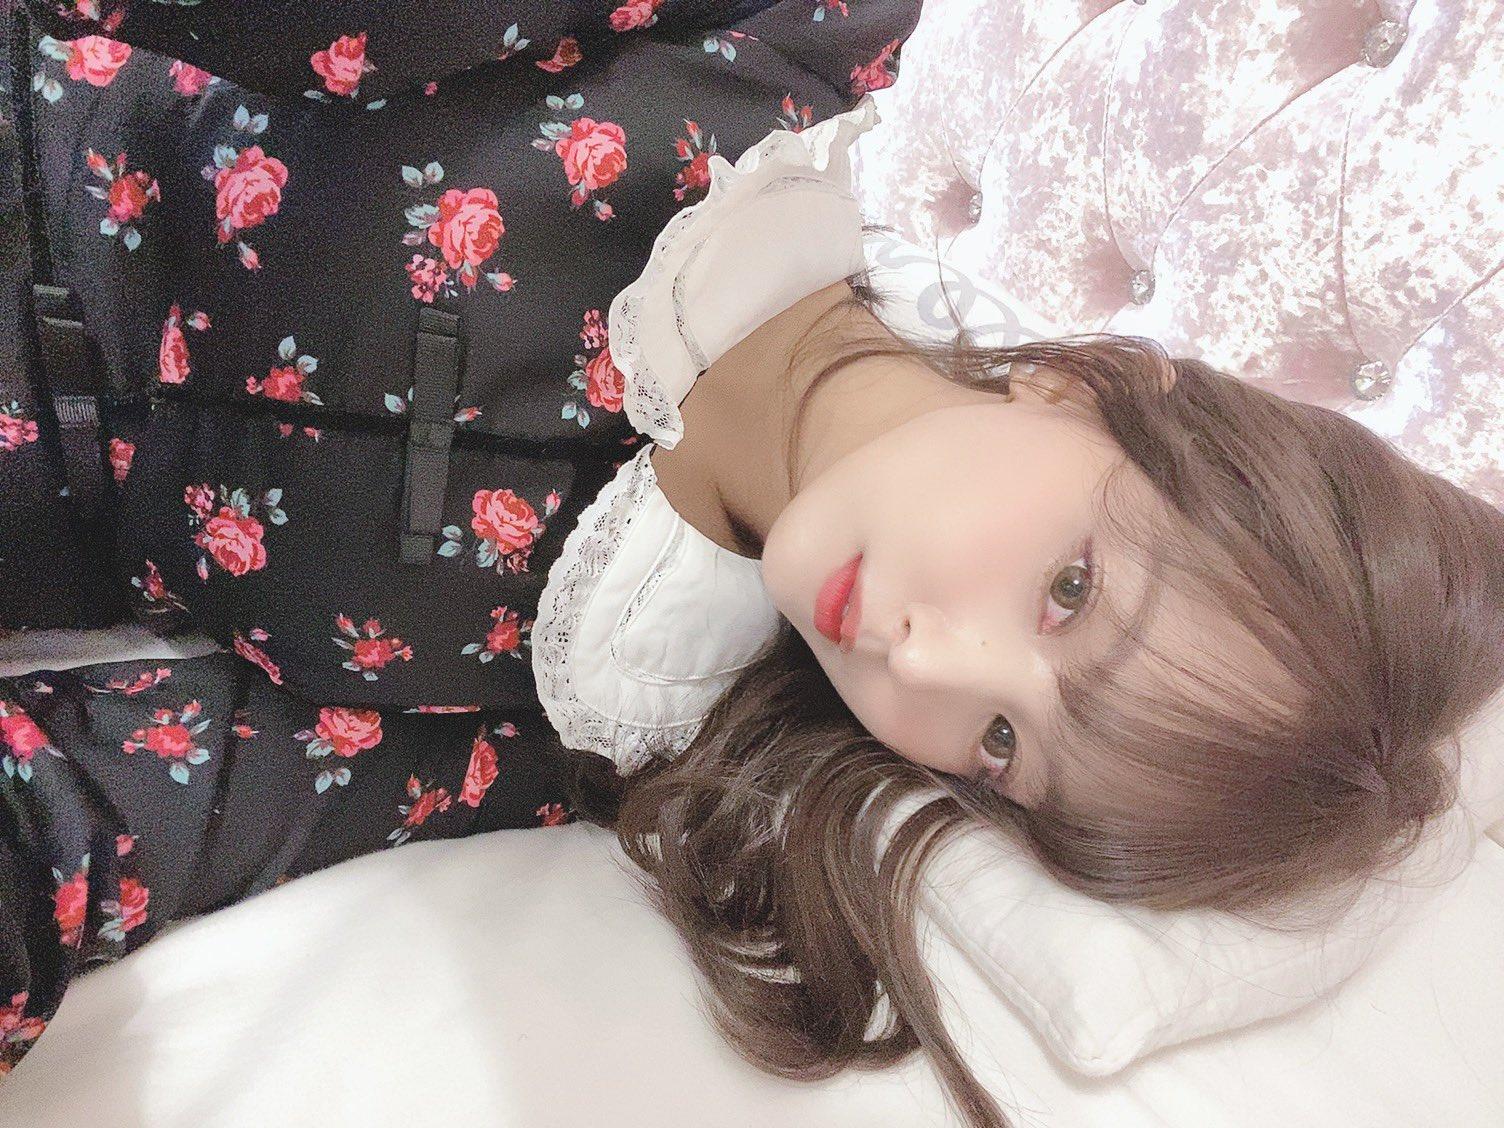 yua_mikami 1198067372394831872_p0